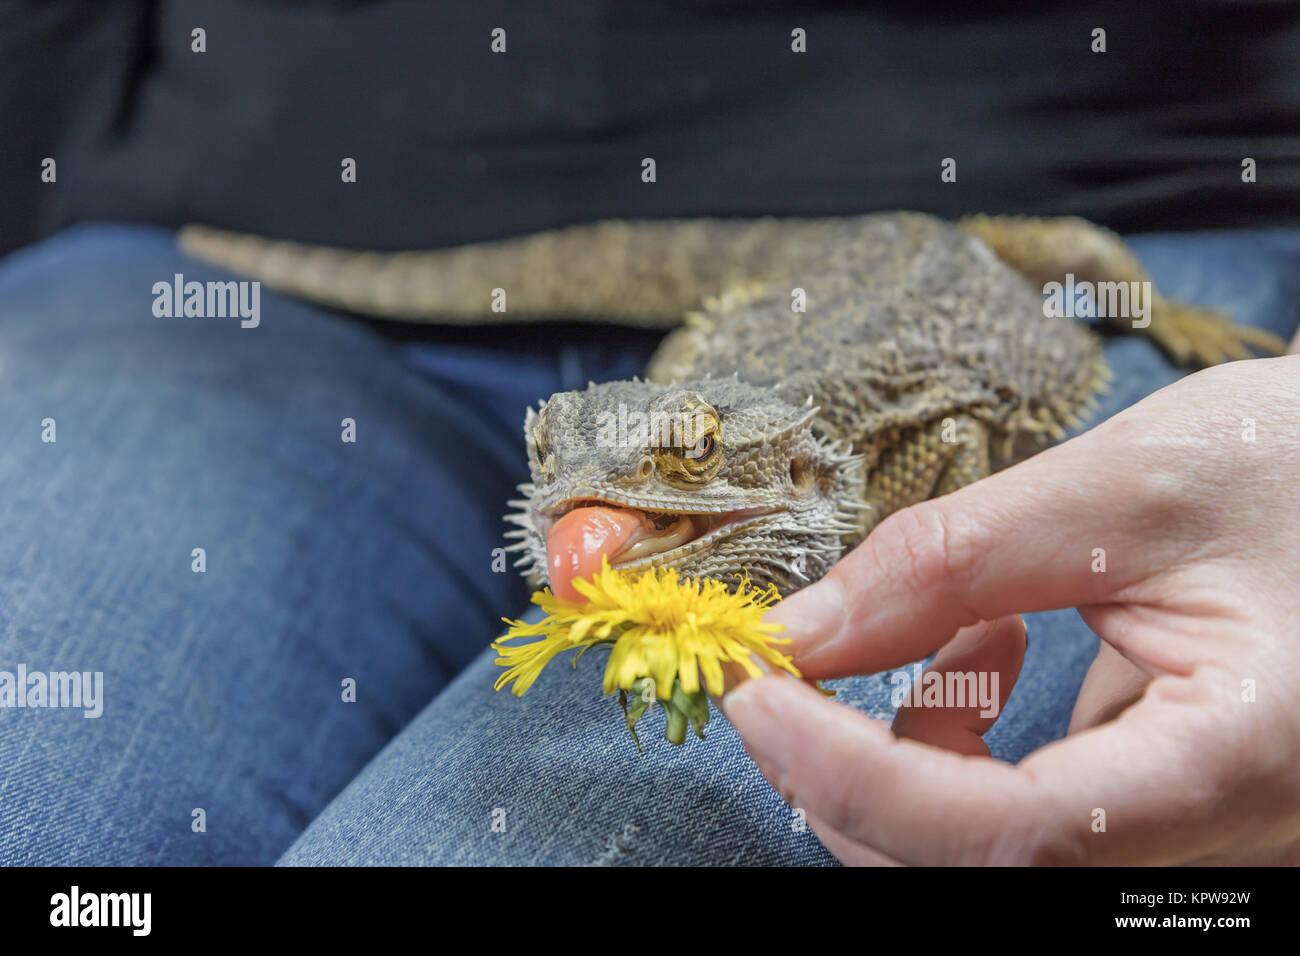 Agama con una lengüeta que sobresale es comer jaramago Foto de stock